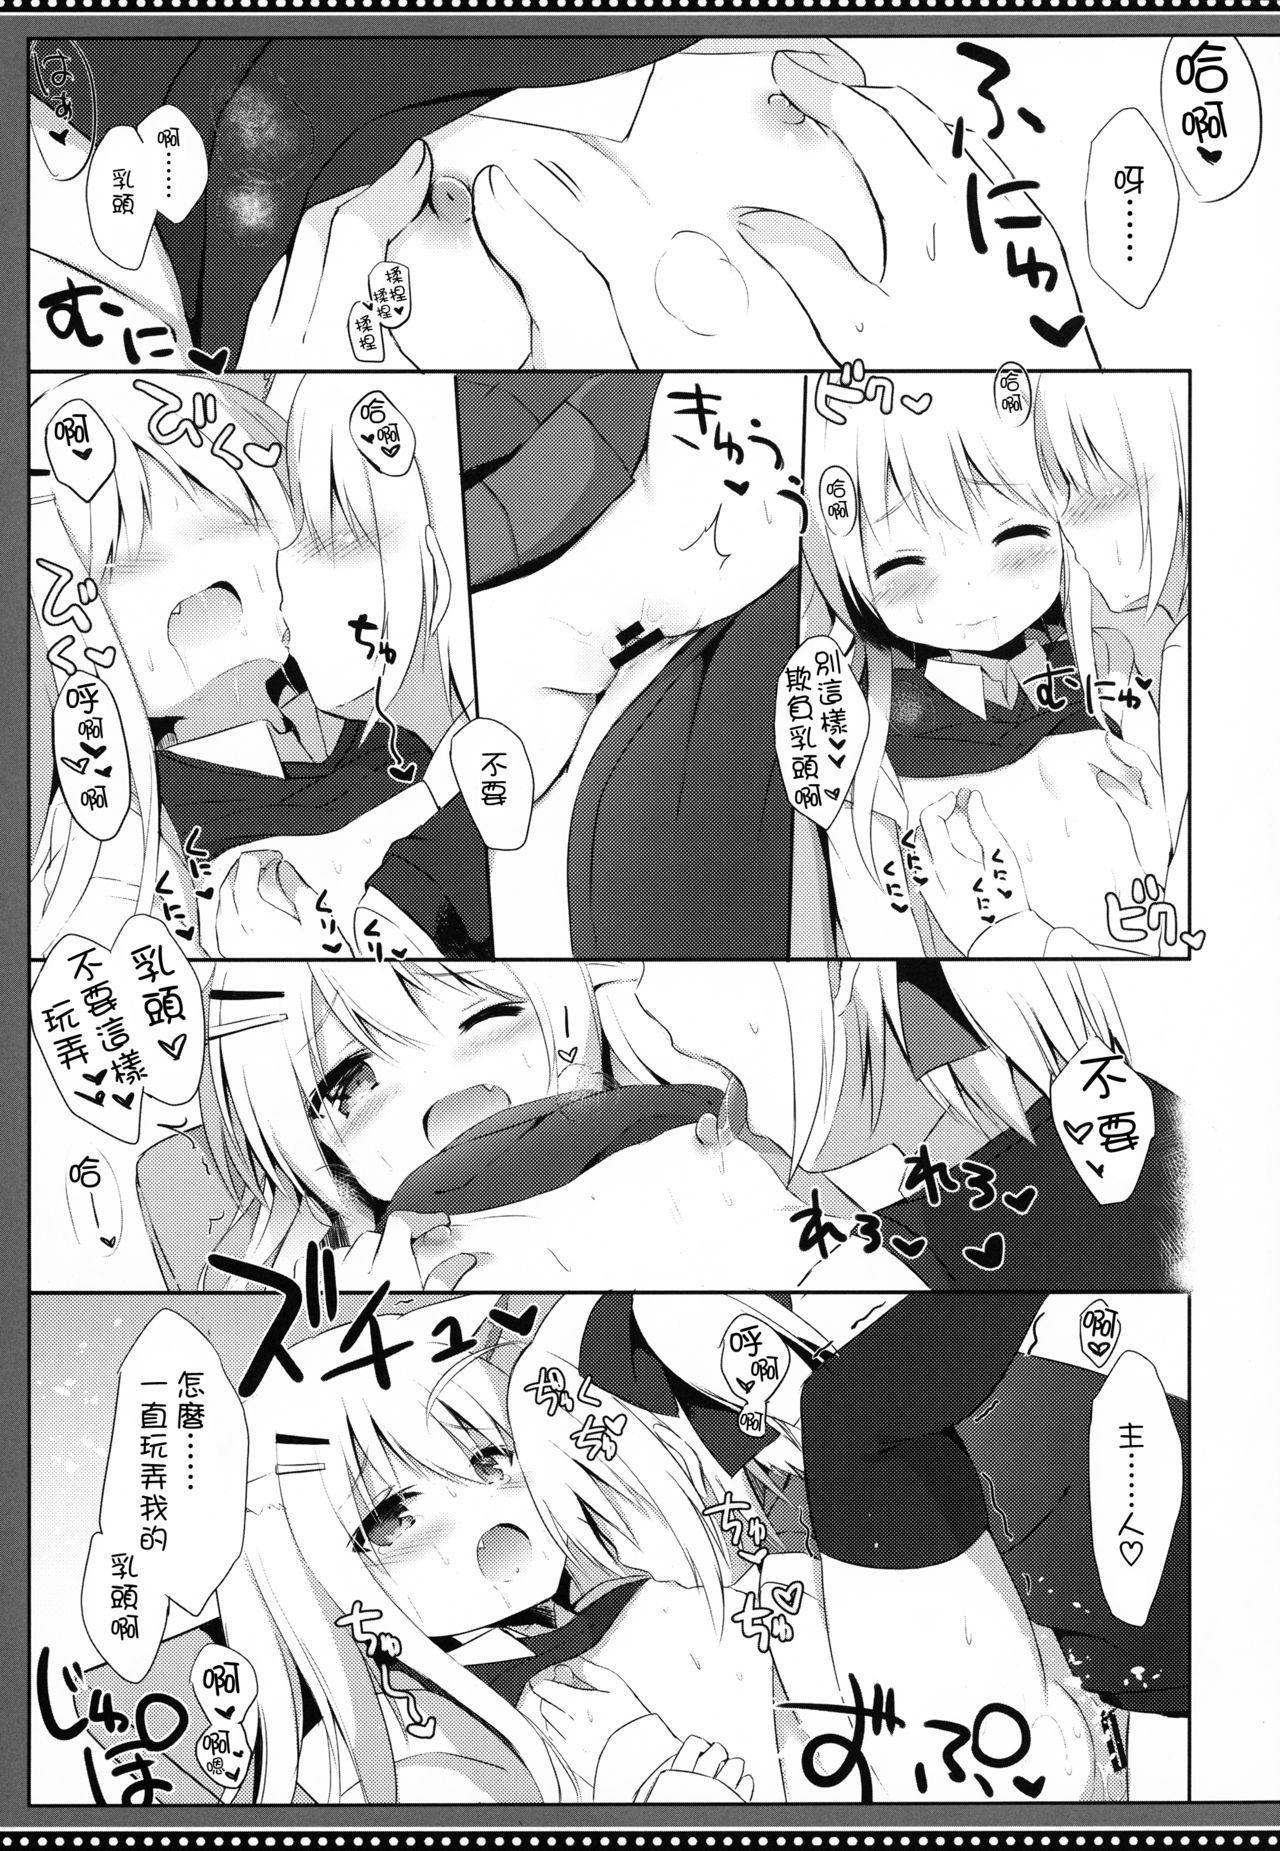 (C95) [DOGYEAR (Kujou Danbo)] Goshujin-sama to Koinu no Midareta Seikatsu 5-kame [Chinese] [CE家族社] 21